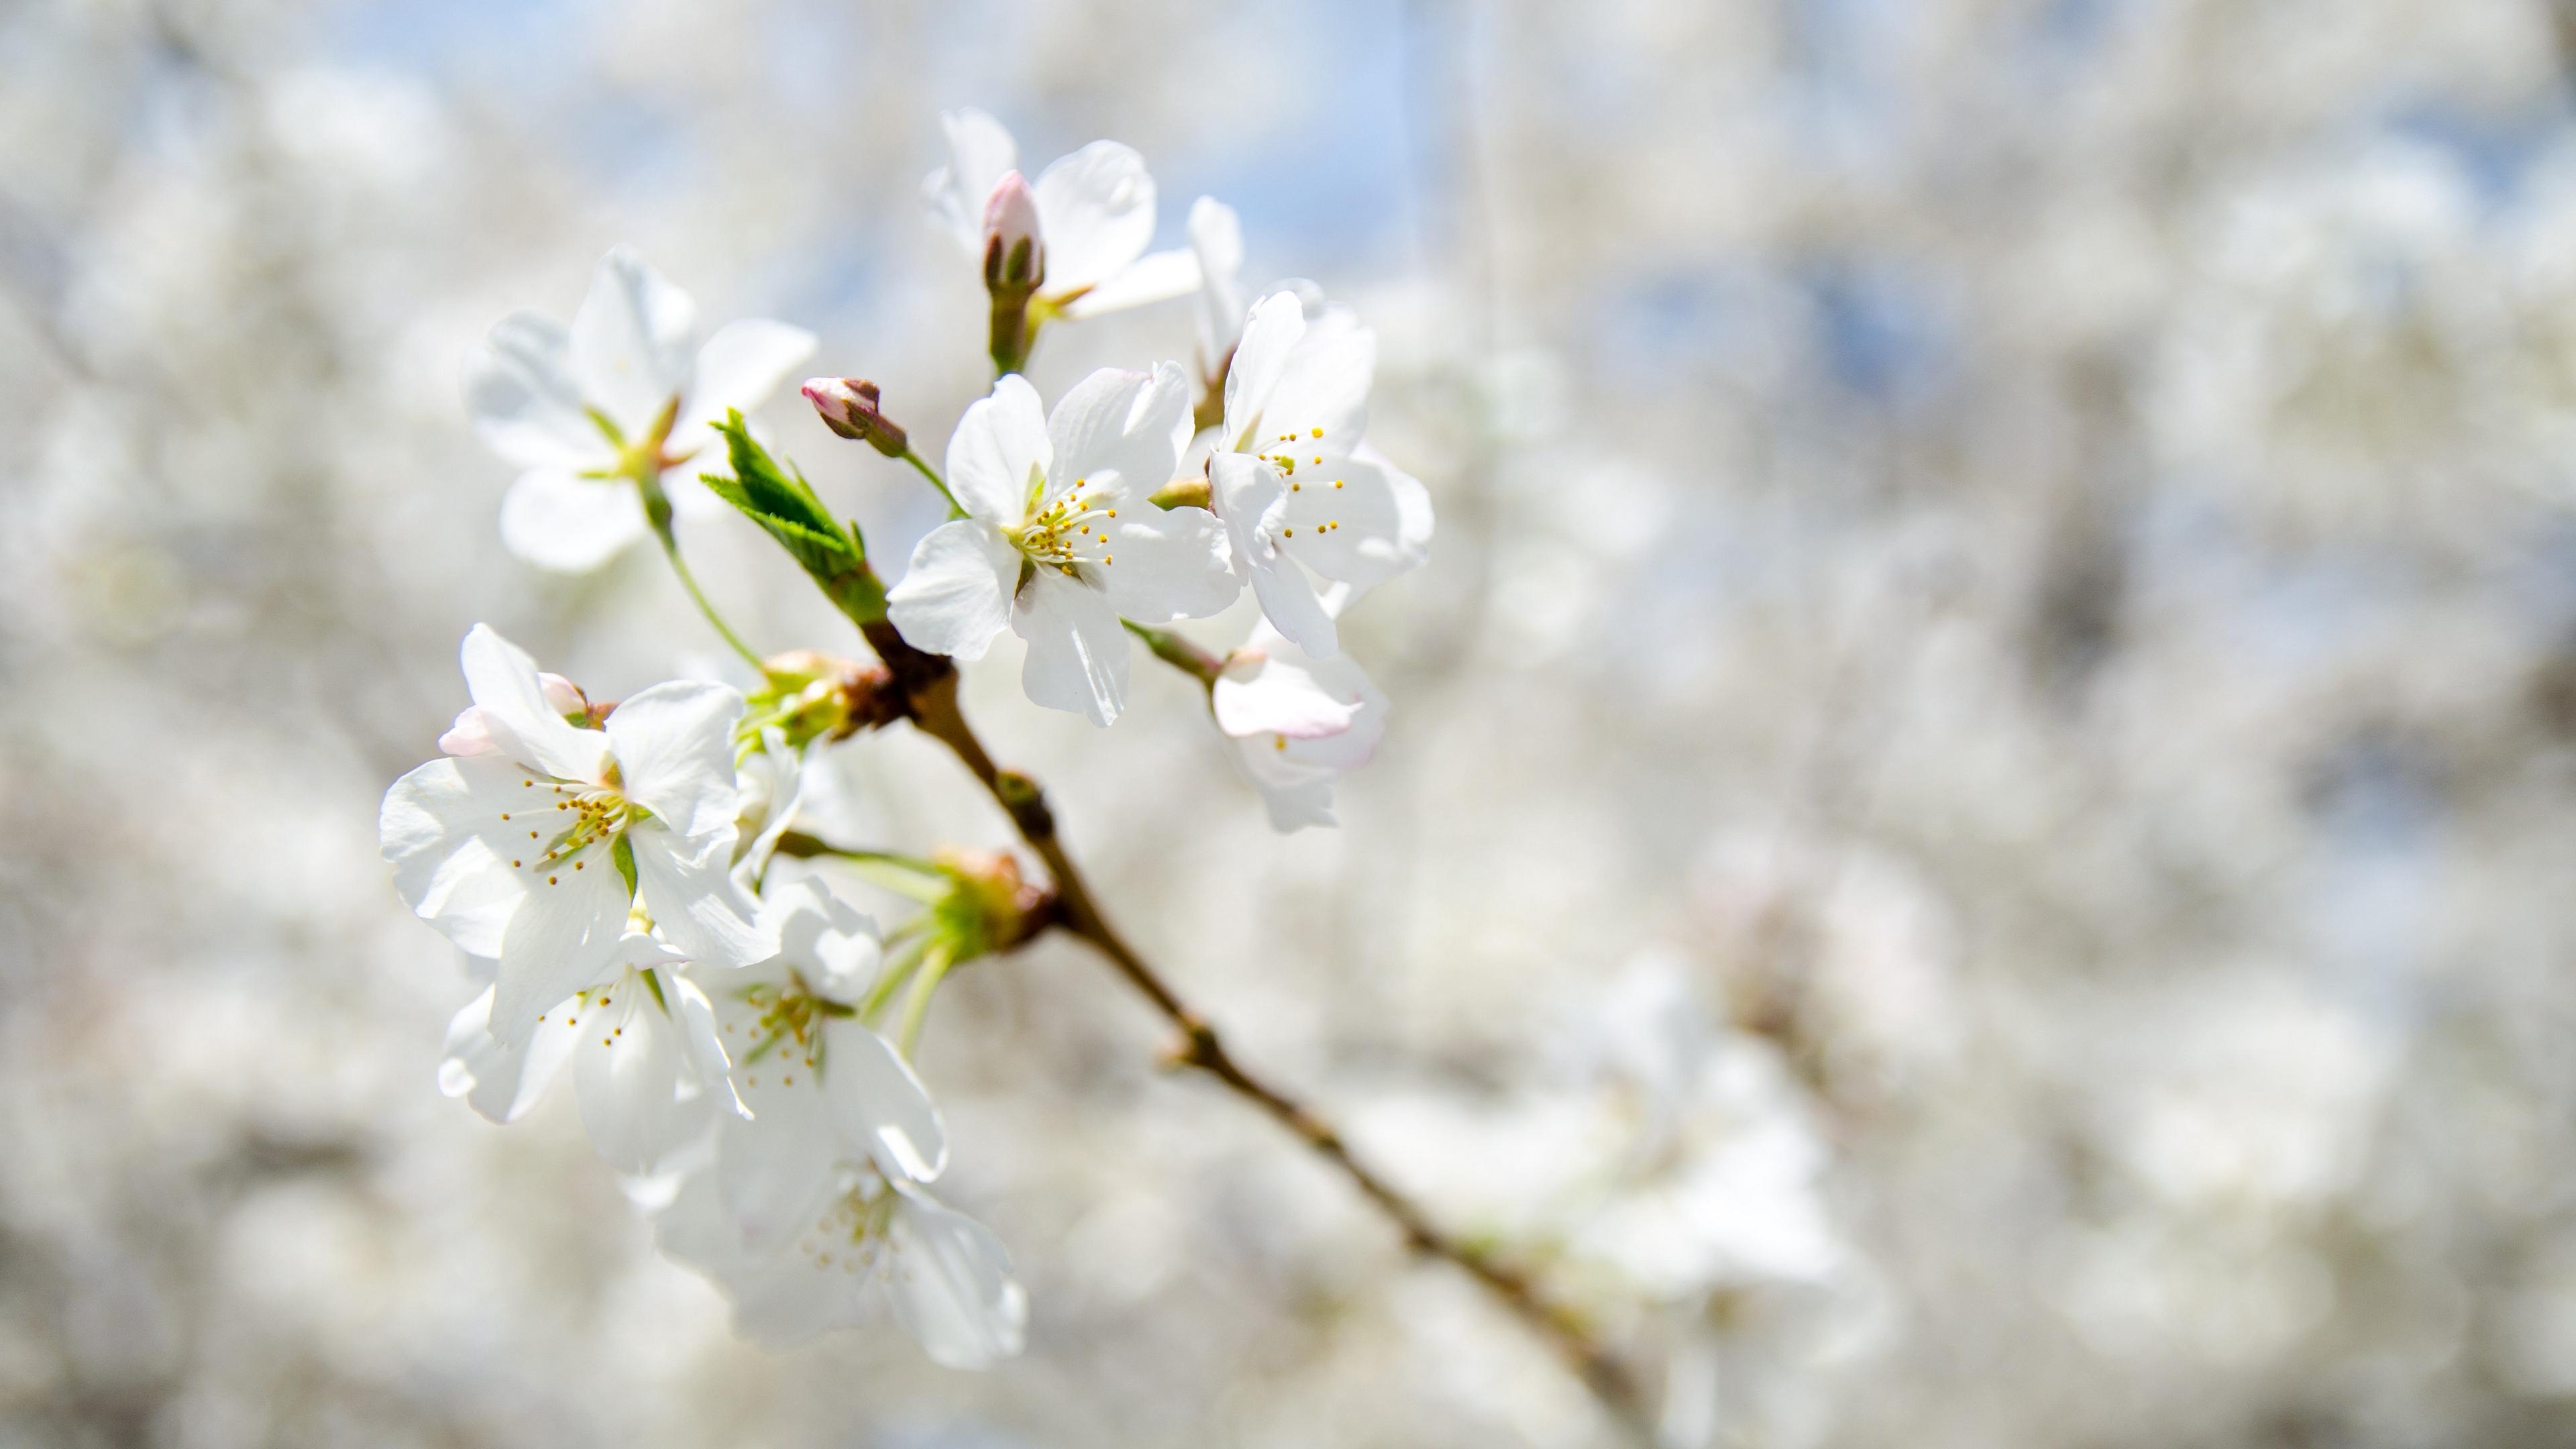 flowers spring bloom branch 4k 1541114694 - flowers, spring, bloom, branch 4k - Spring, Flowers, Bloom